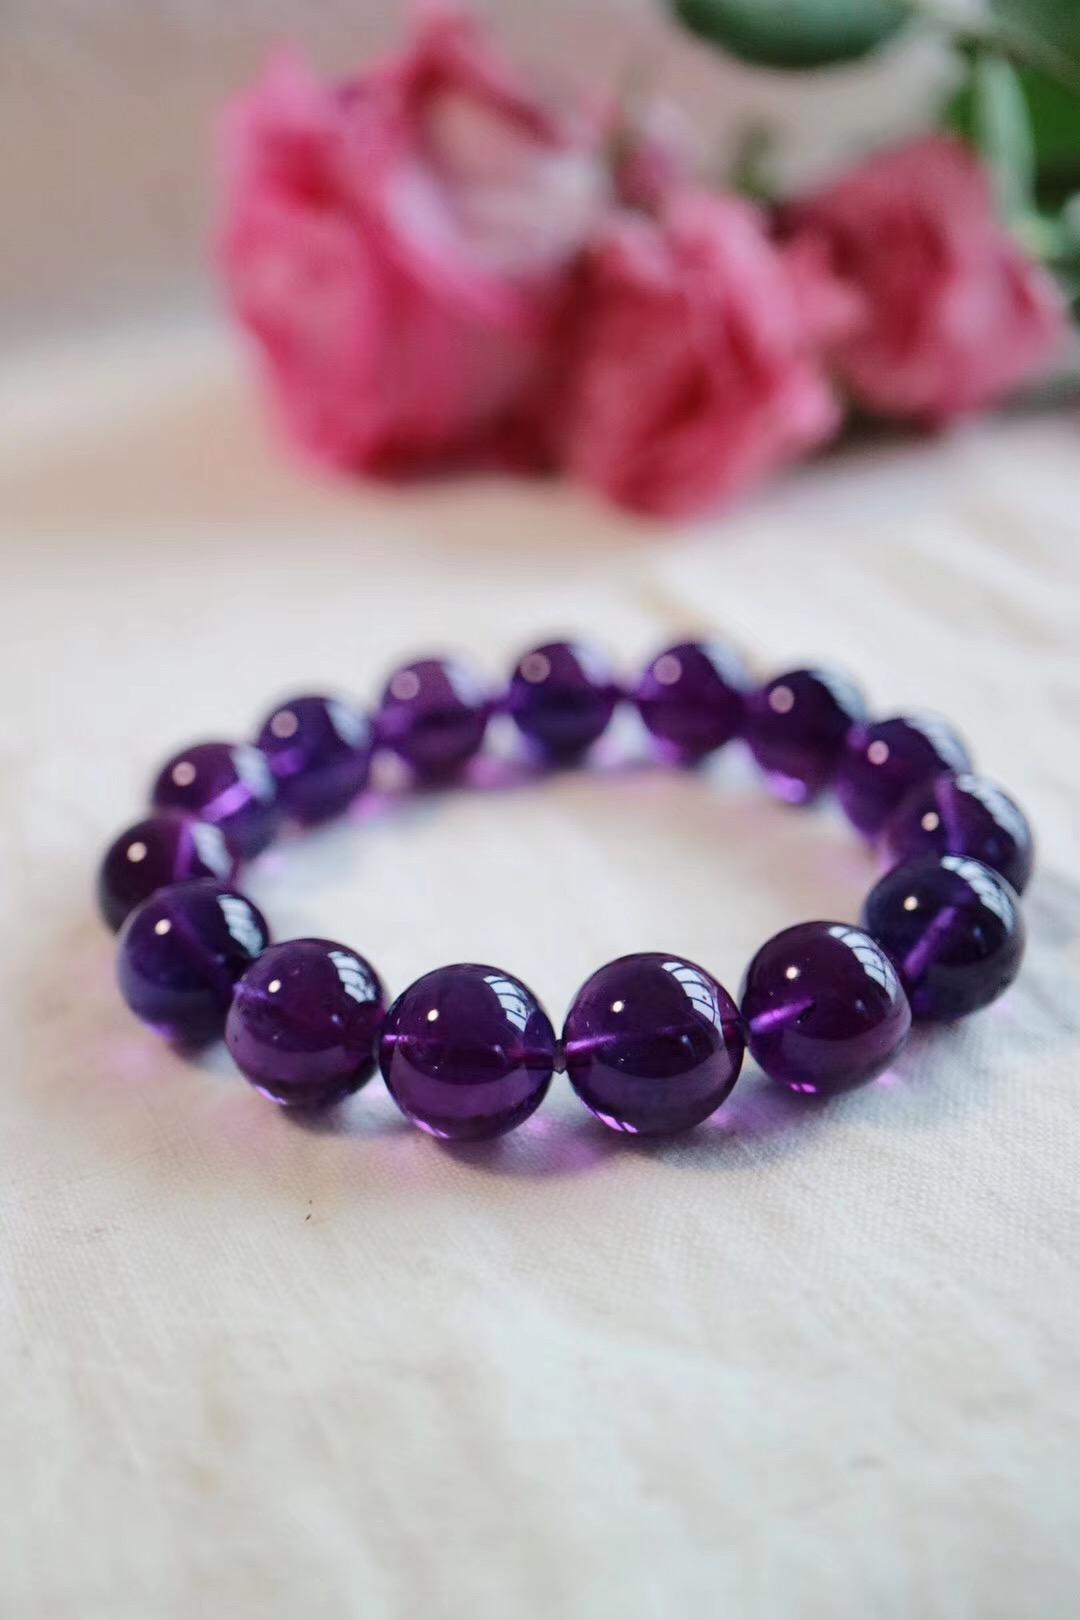 【 紫水晶】一场紫色的梦,漫天花开-菩心晶舍